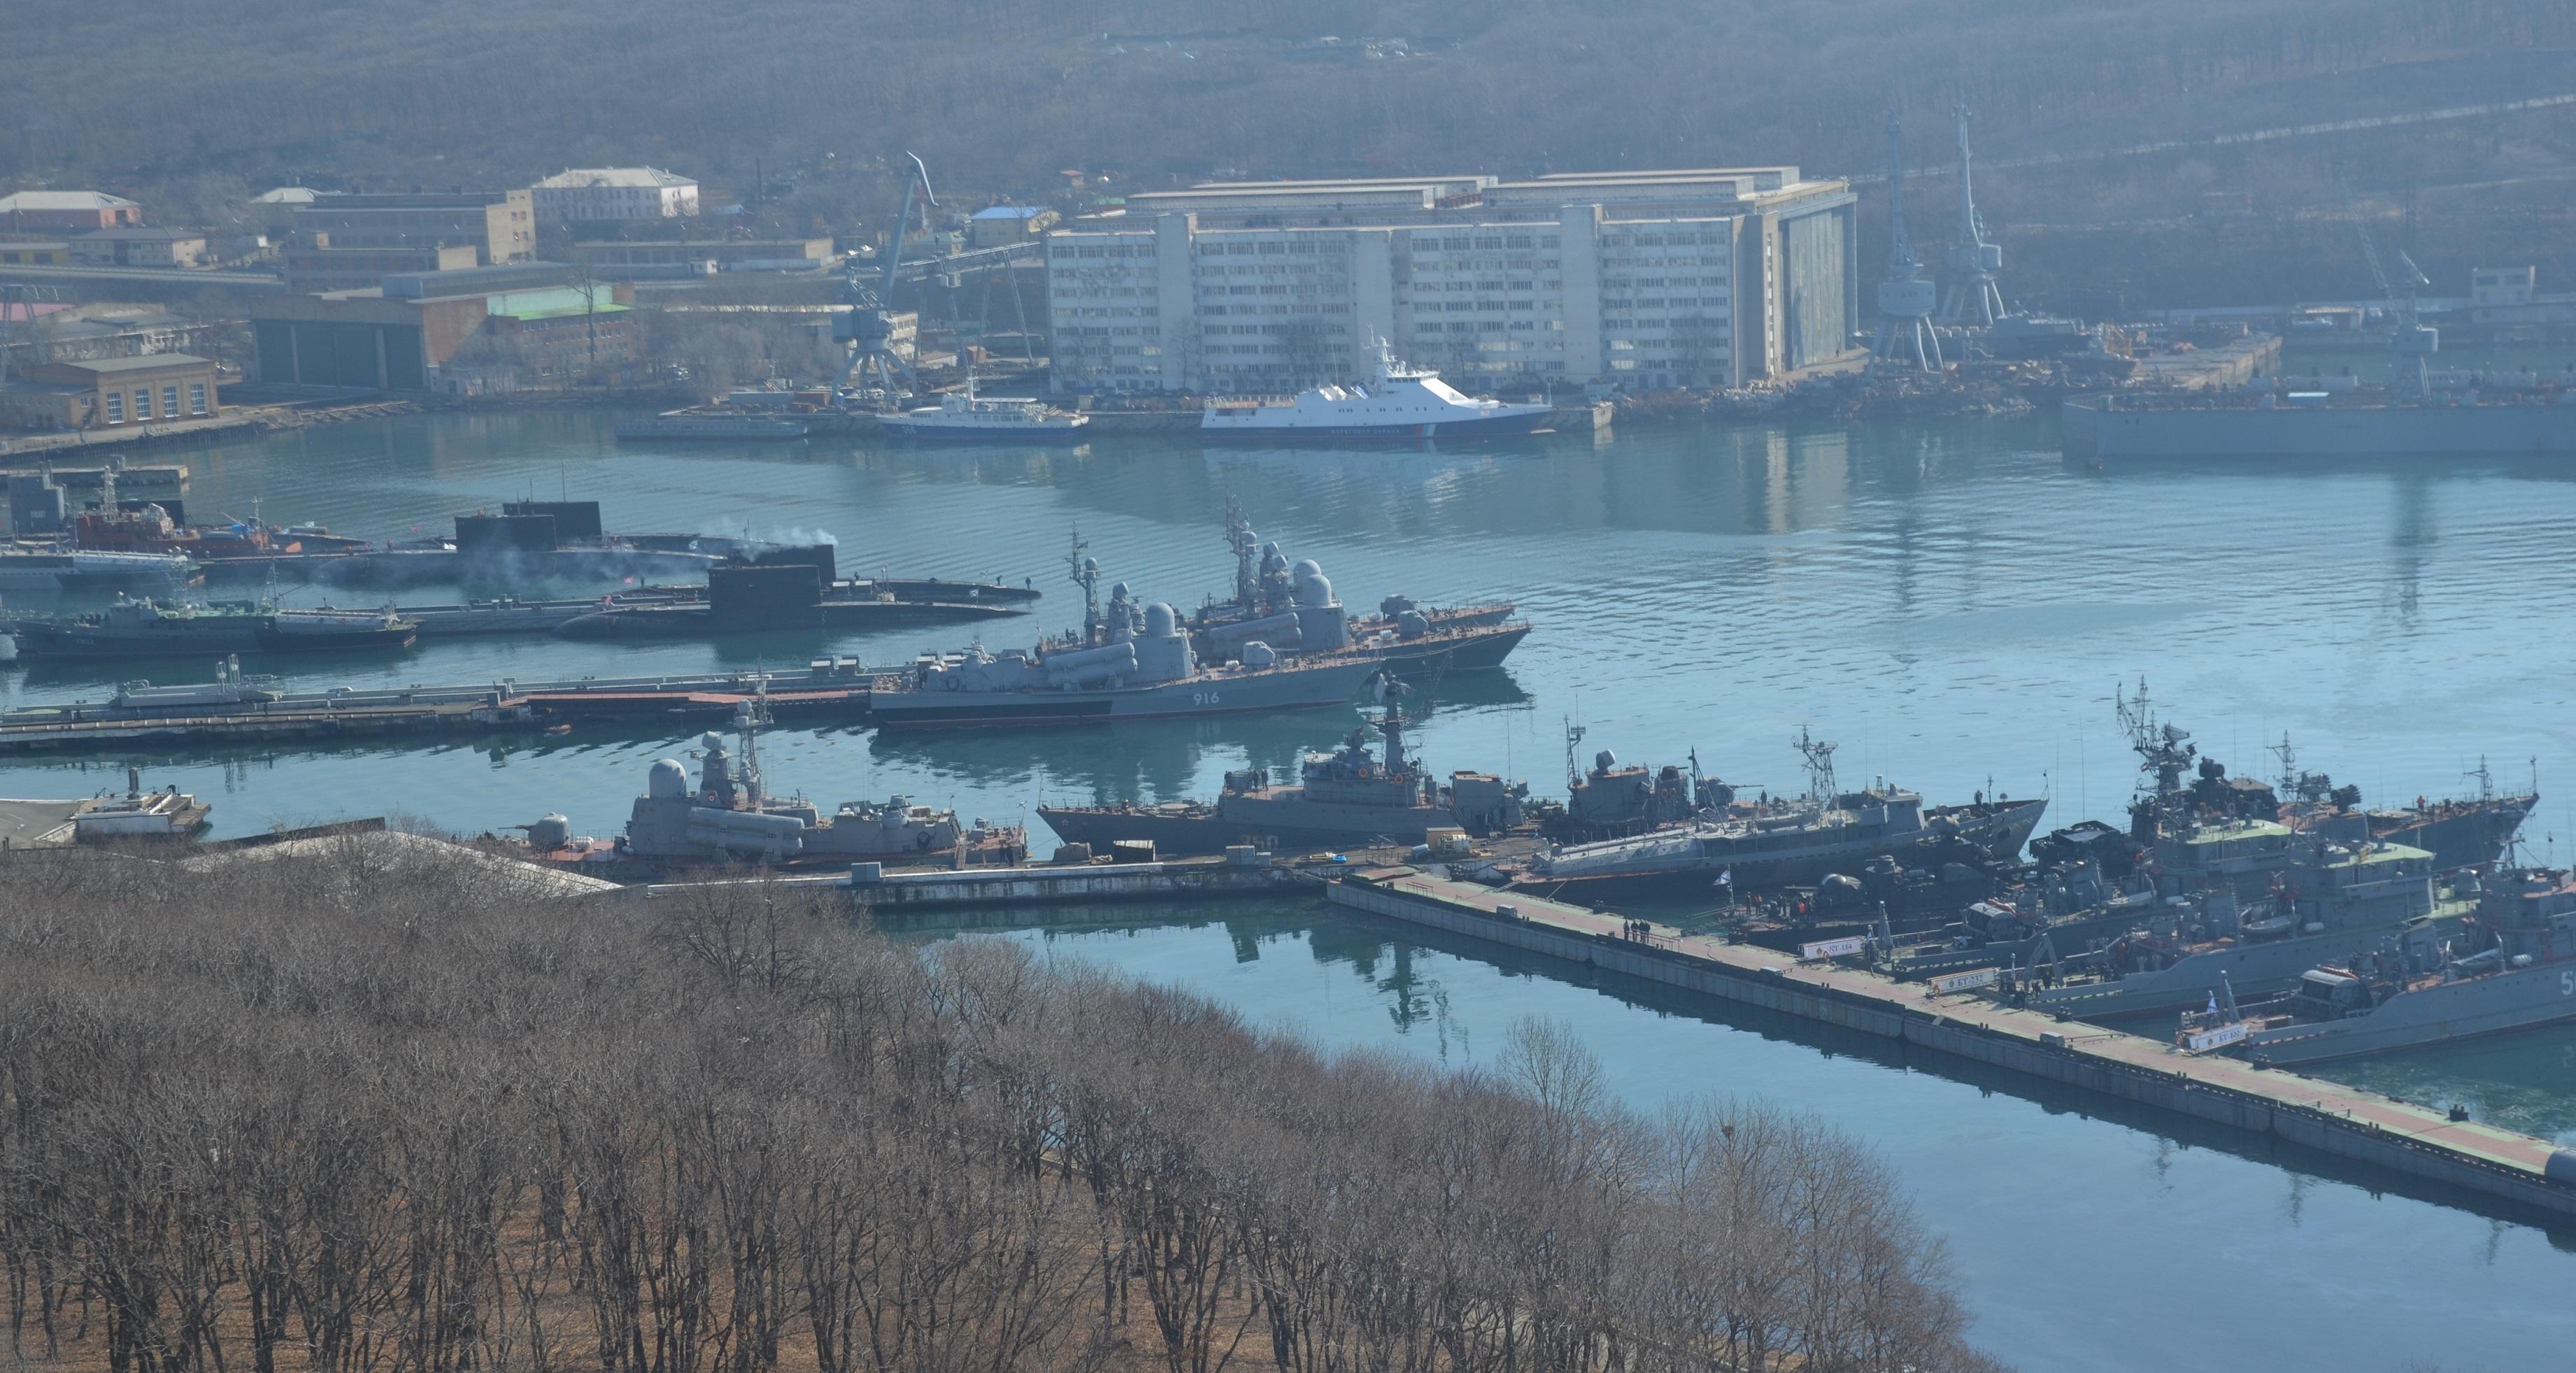 база подводных лодок в бухте улисс